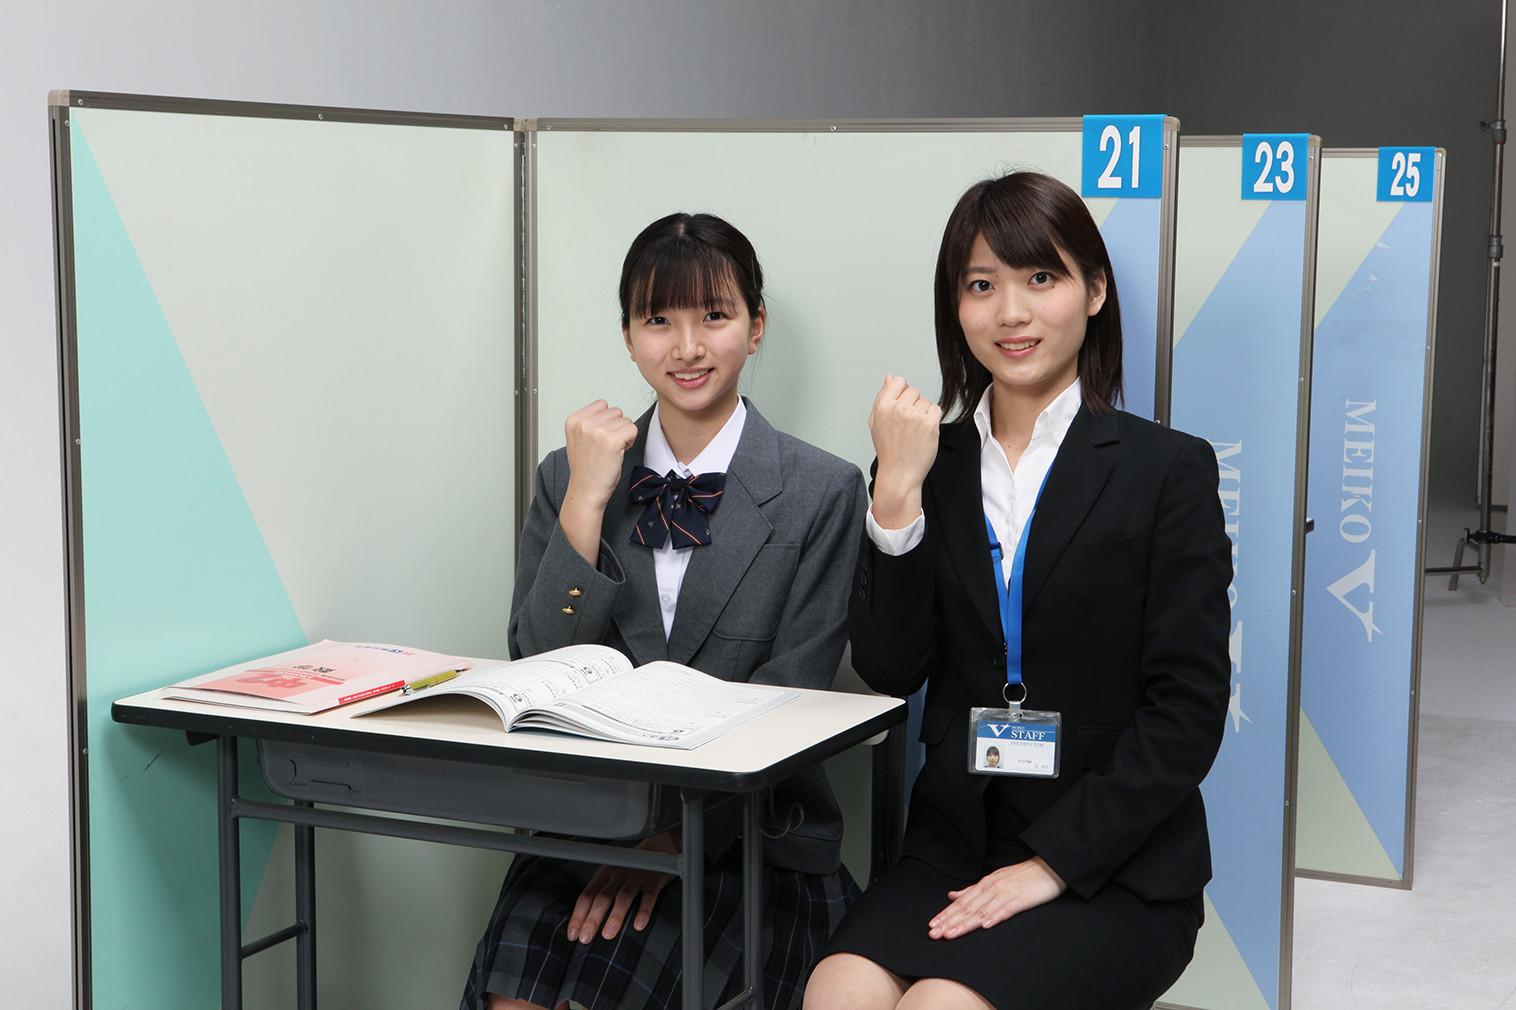 明光義塾 宇美教室 のアルバイト情報